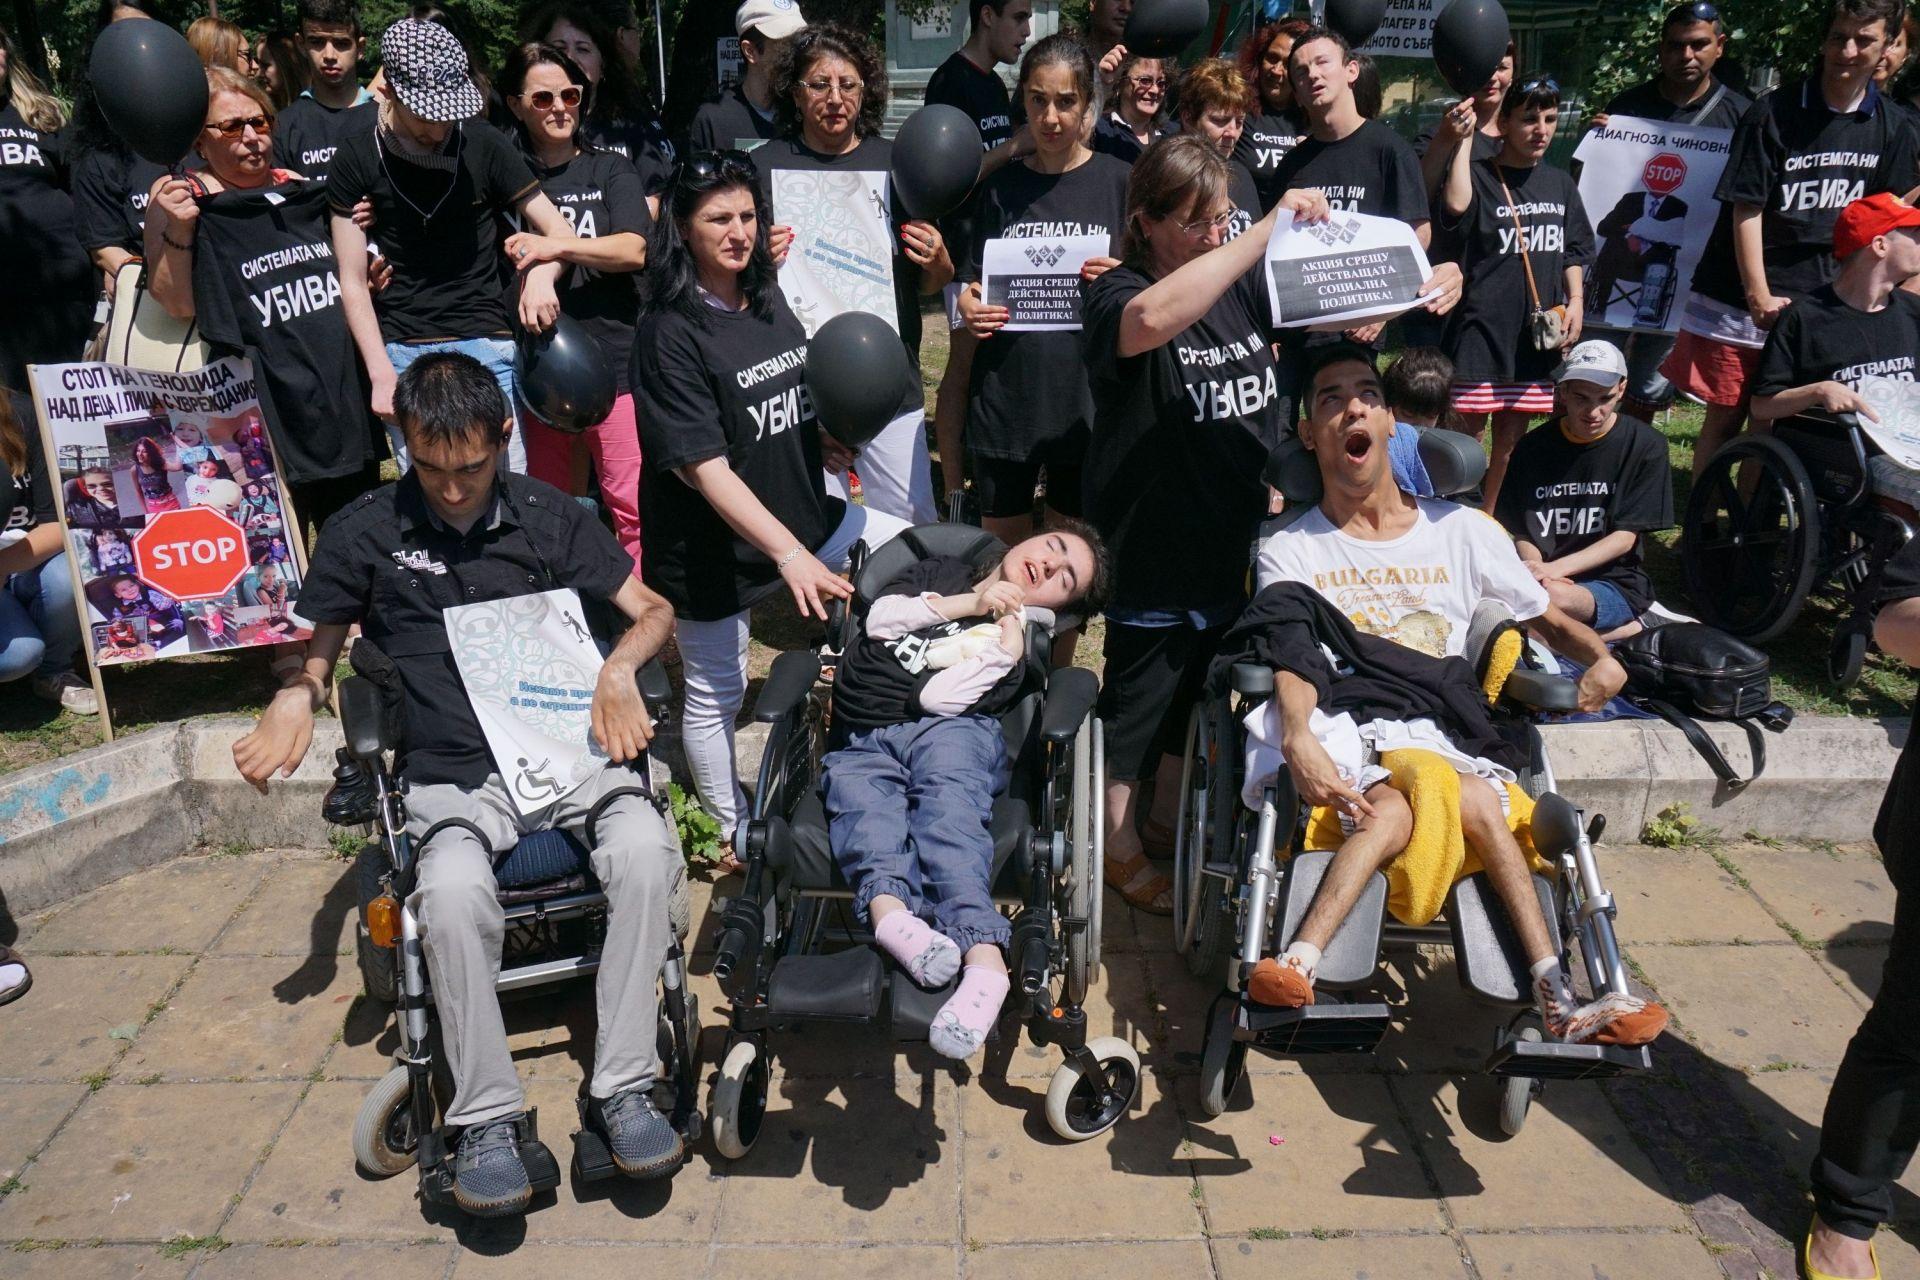 Протестът на майките на деца с увреждания се превърна с един от най-дискутираните през годината, и стана още по-известен с пренебрежителното изказване на вицепремиера Валери Симеонов по техен адрес